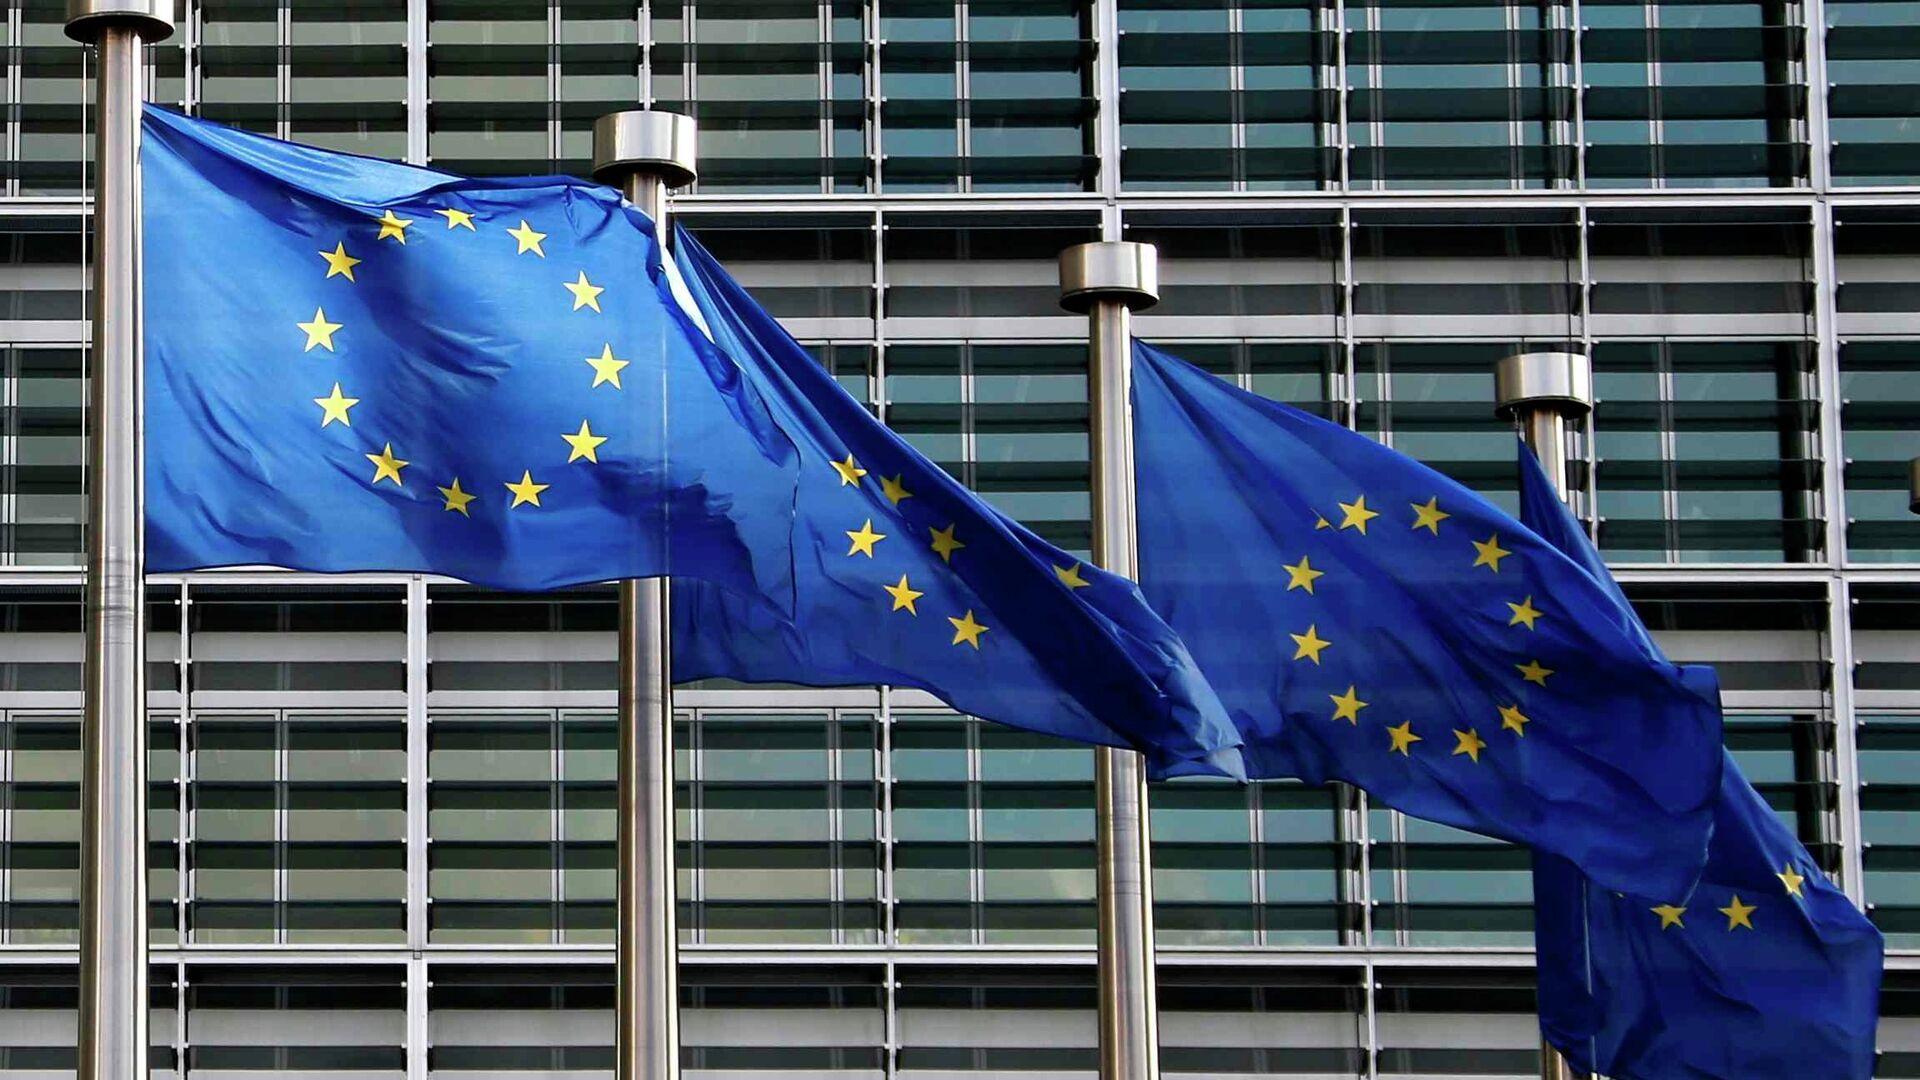 Banderas de la UE frente a la sede de la Comisión Europea en Bruselas - Sputnik Mundo, 1920, 19.07.2021